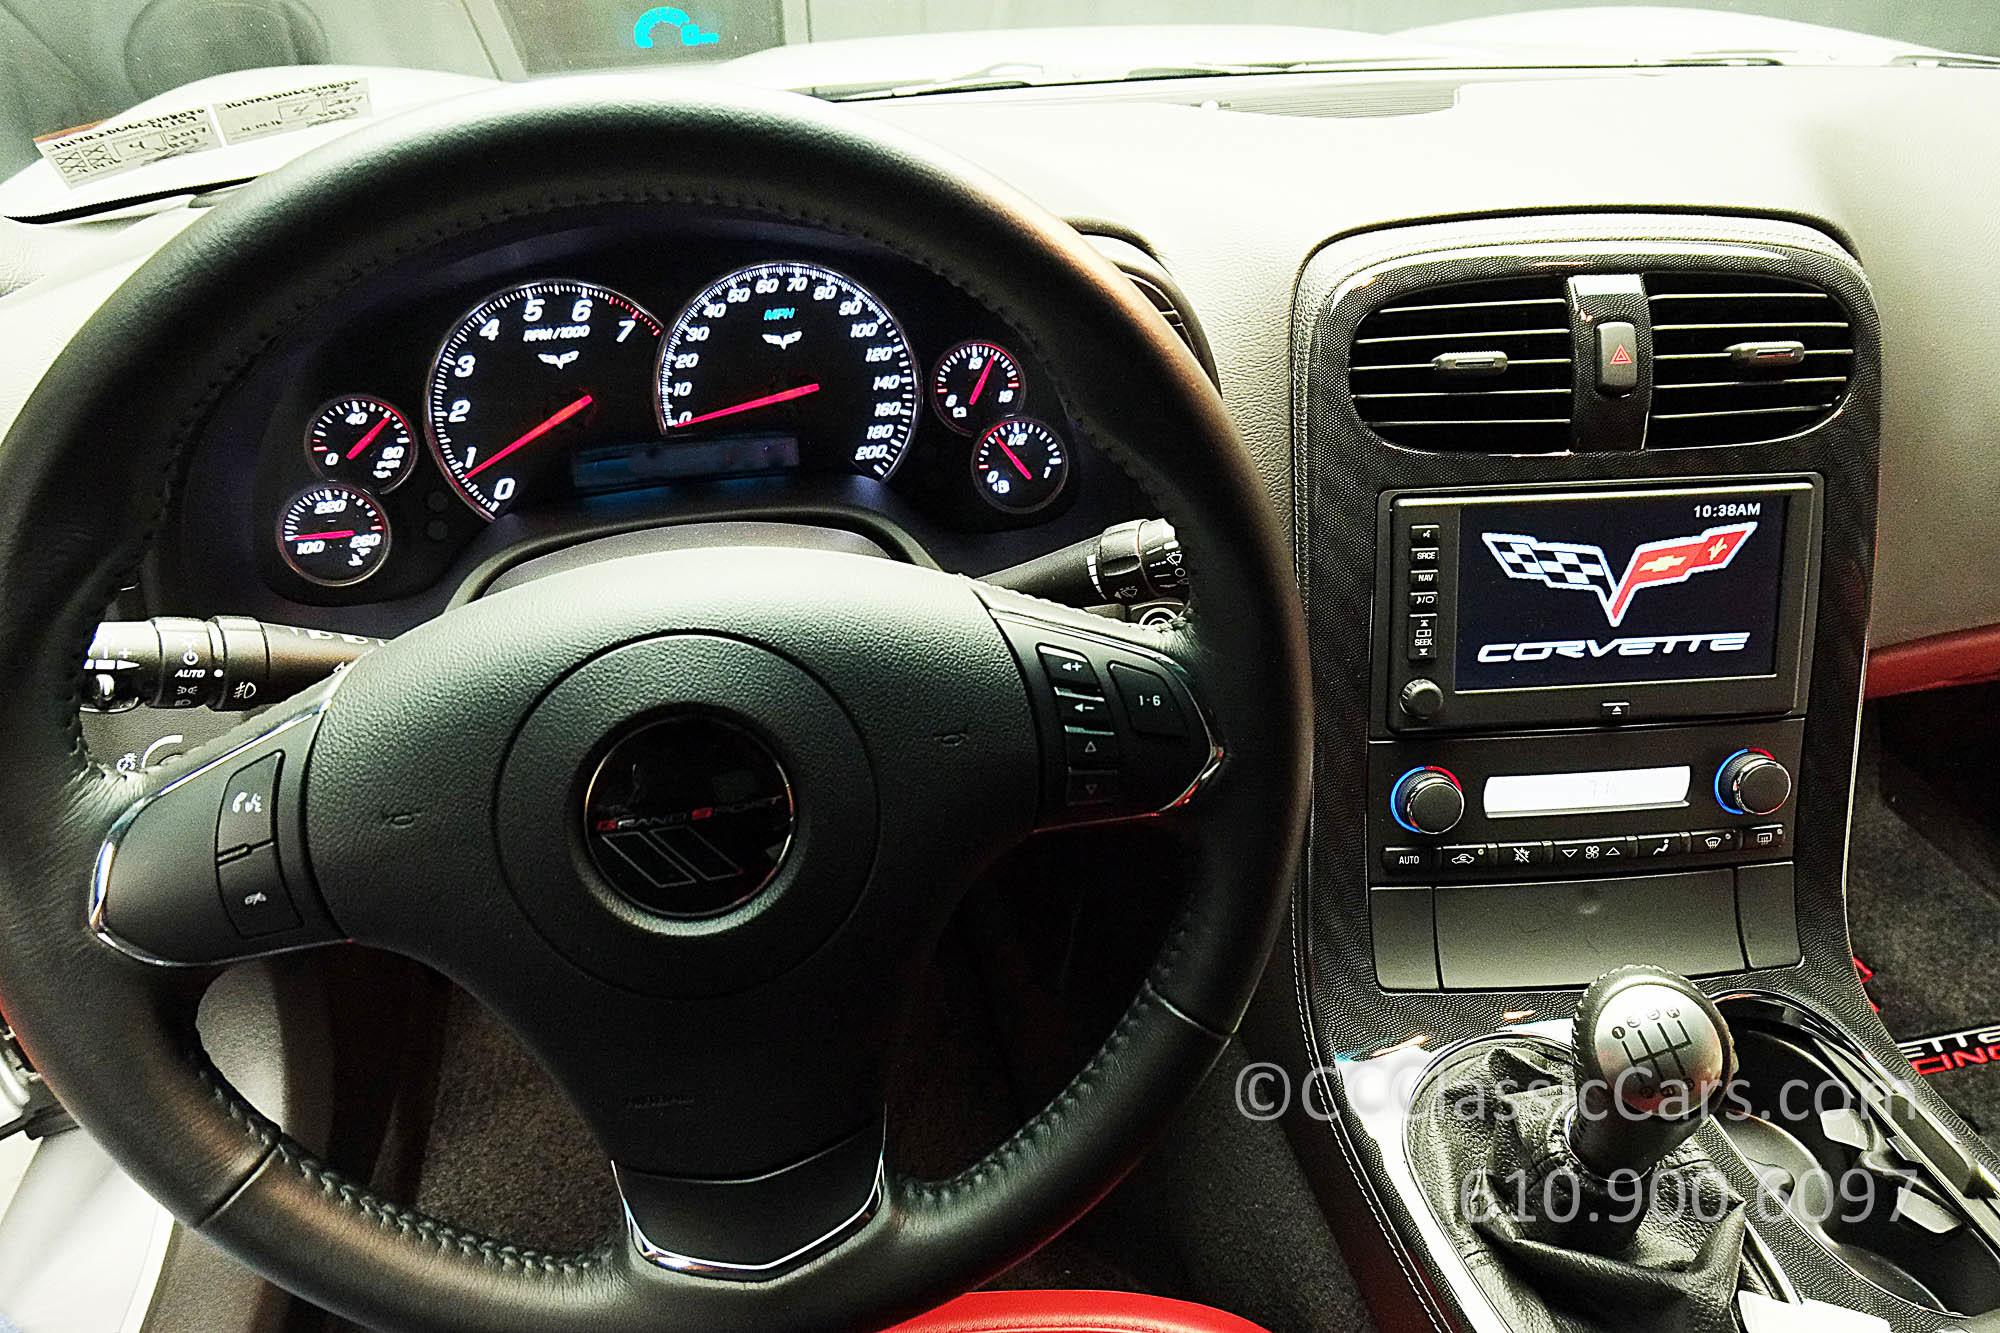 2012-Corvette-Grand-Sport-7352.jpg